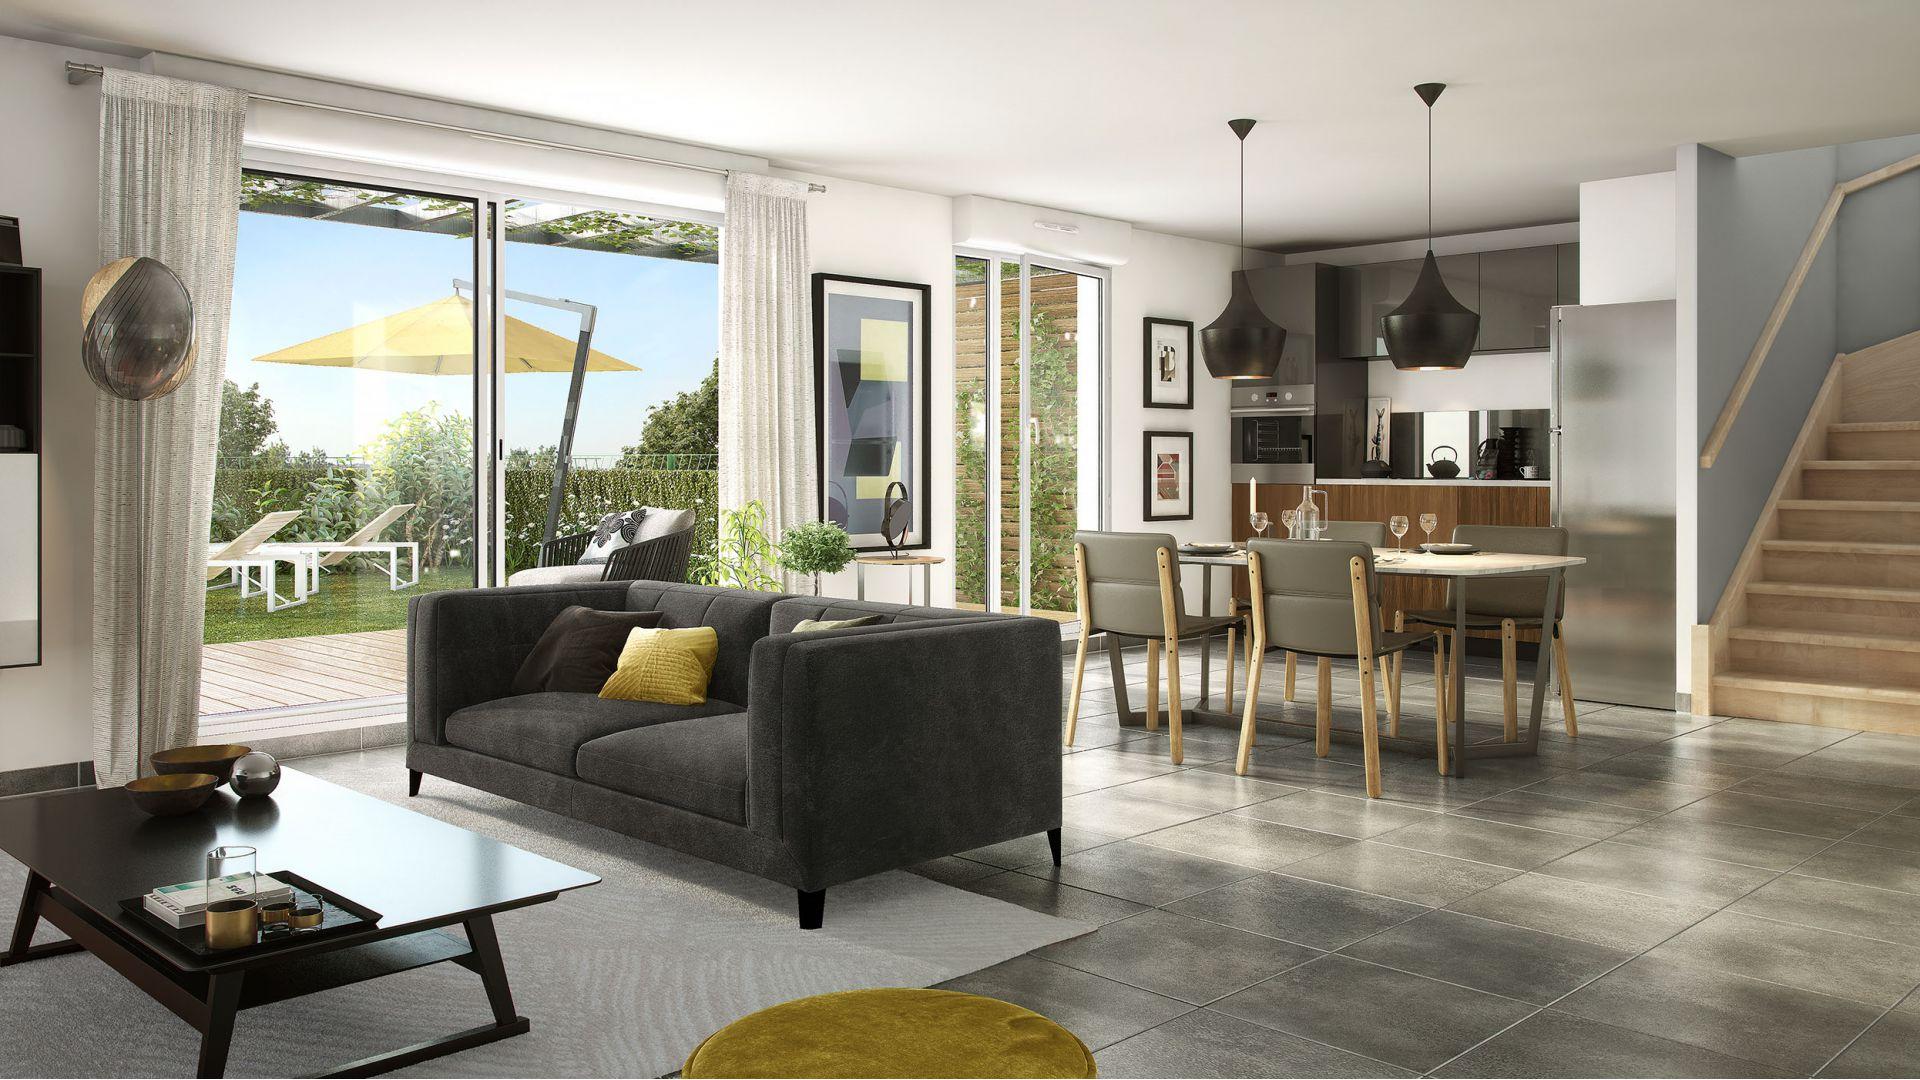 GreenCity Immobilier-La Bastide D'Adèle-Tournefeuille-31170-Vue Intérieur - Villa T4